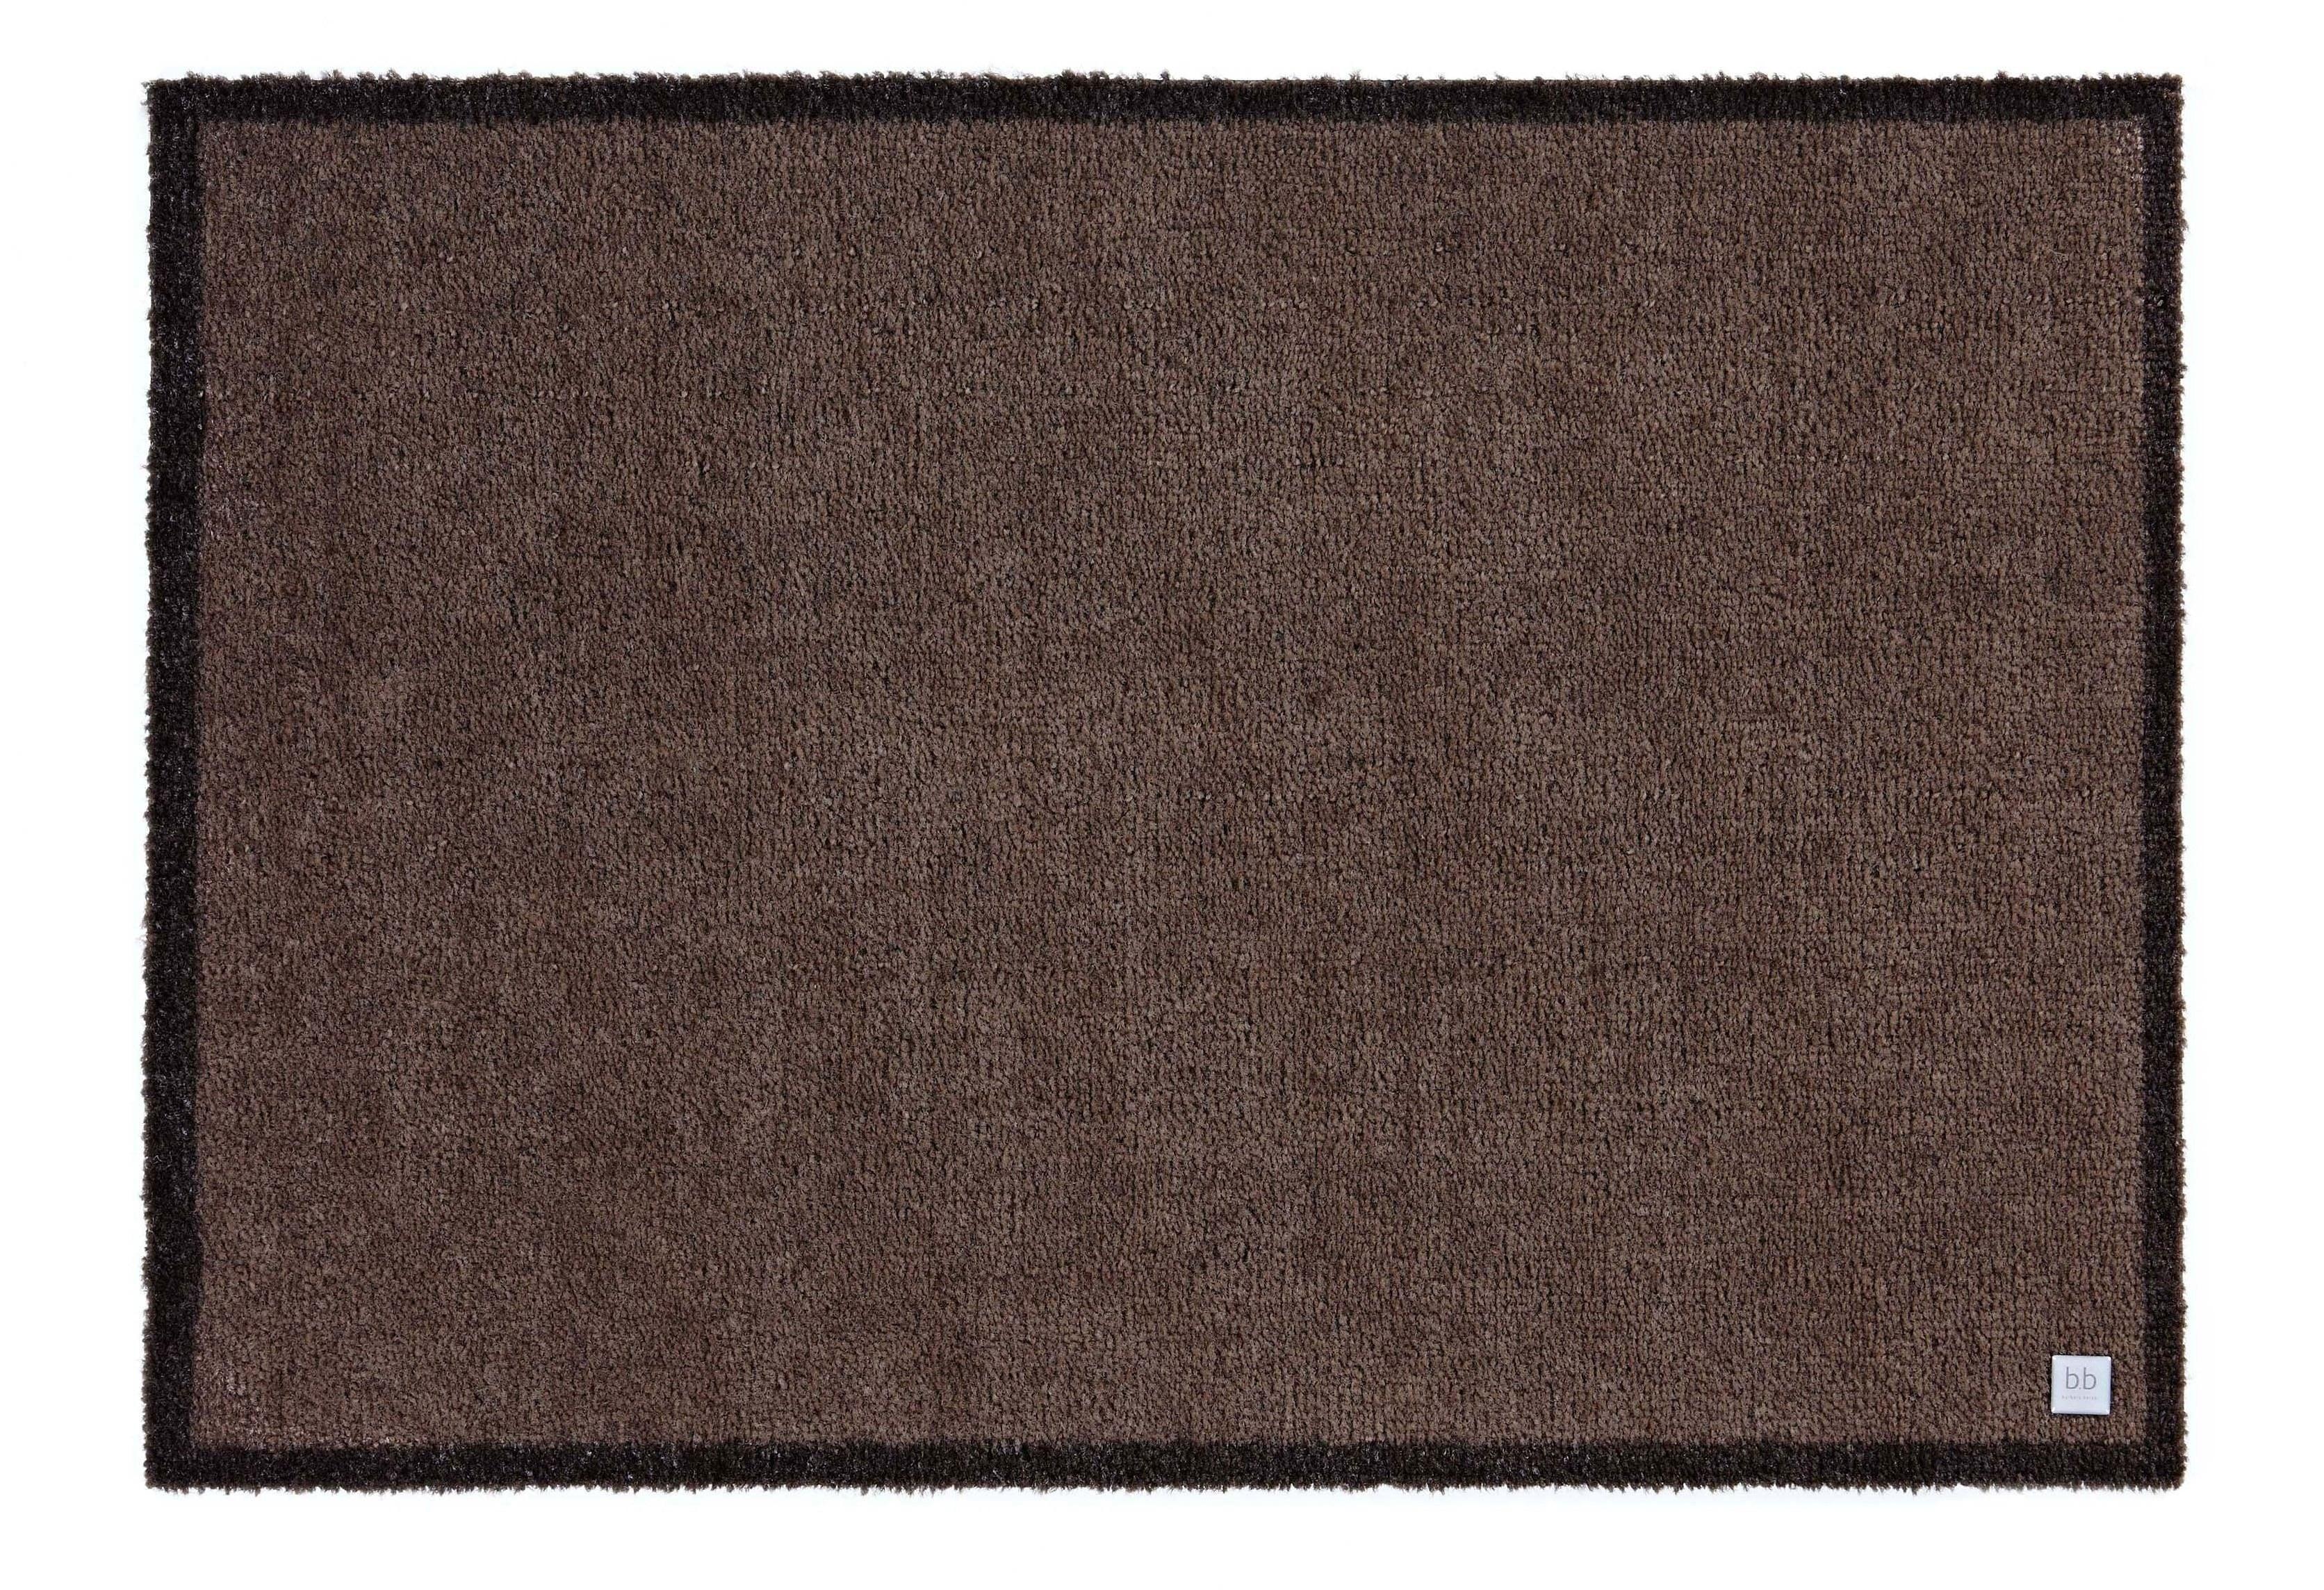 Image of Barbara Becker Fussmatte »Touch«, rechteckig, 10 mm Höhe, Schmutzfangmatte, In- und Outdoor geeignet, waschbar